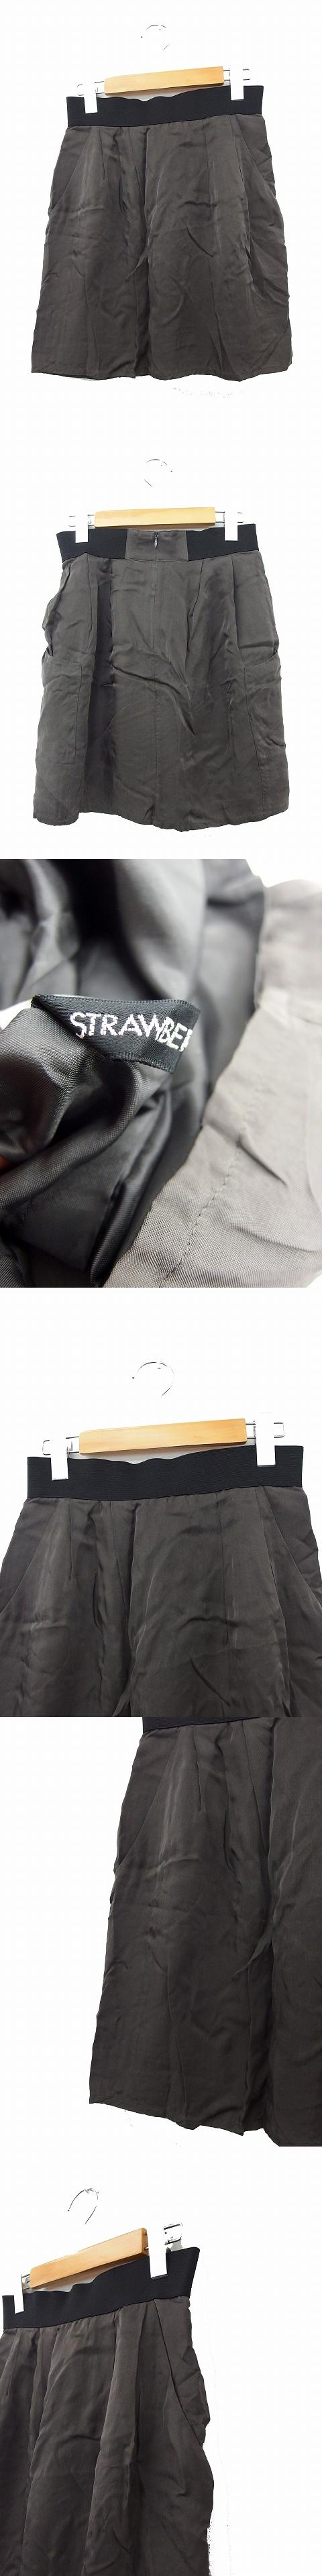 スカート フレア ギャザー ミニ ゴムウエスト 無地 シンプル 2 カーキ /KT35